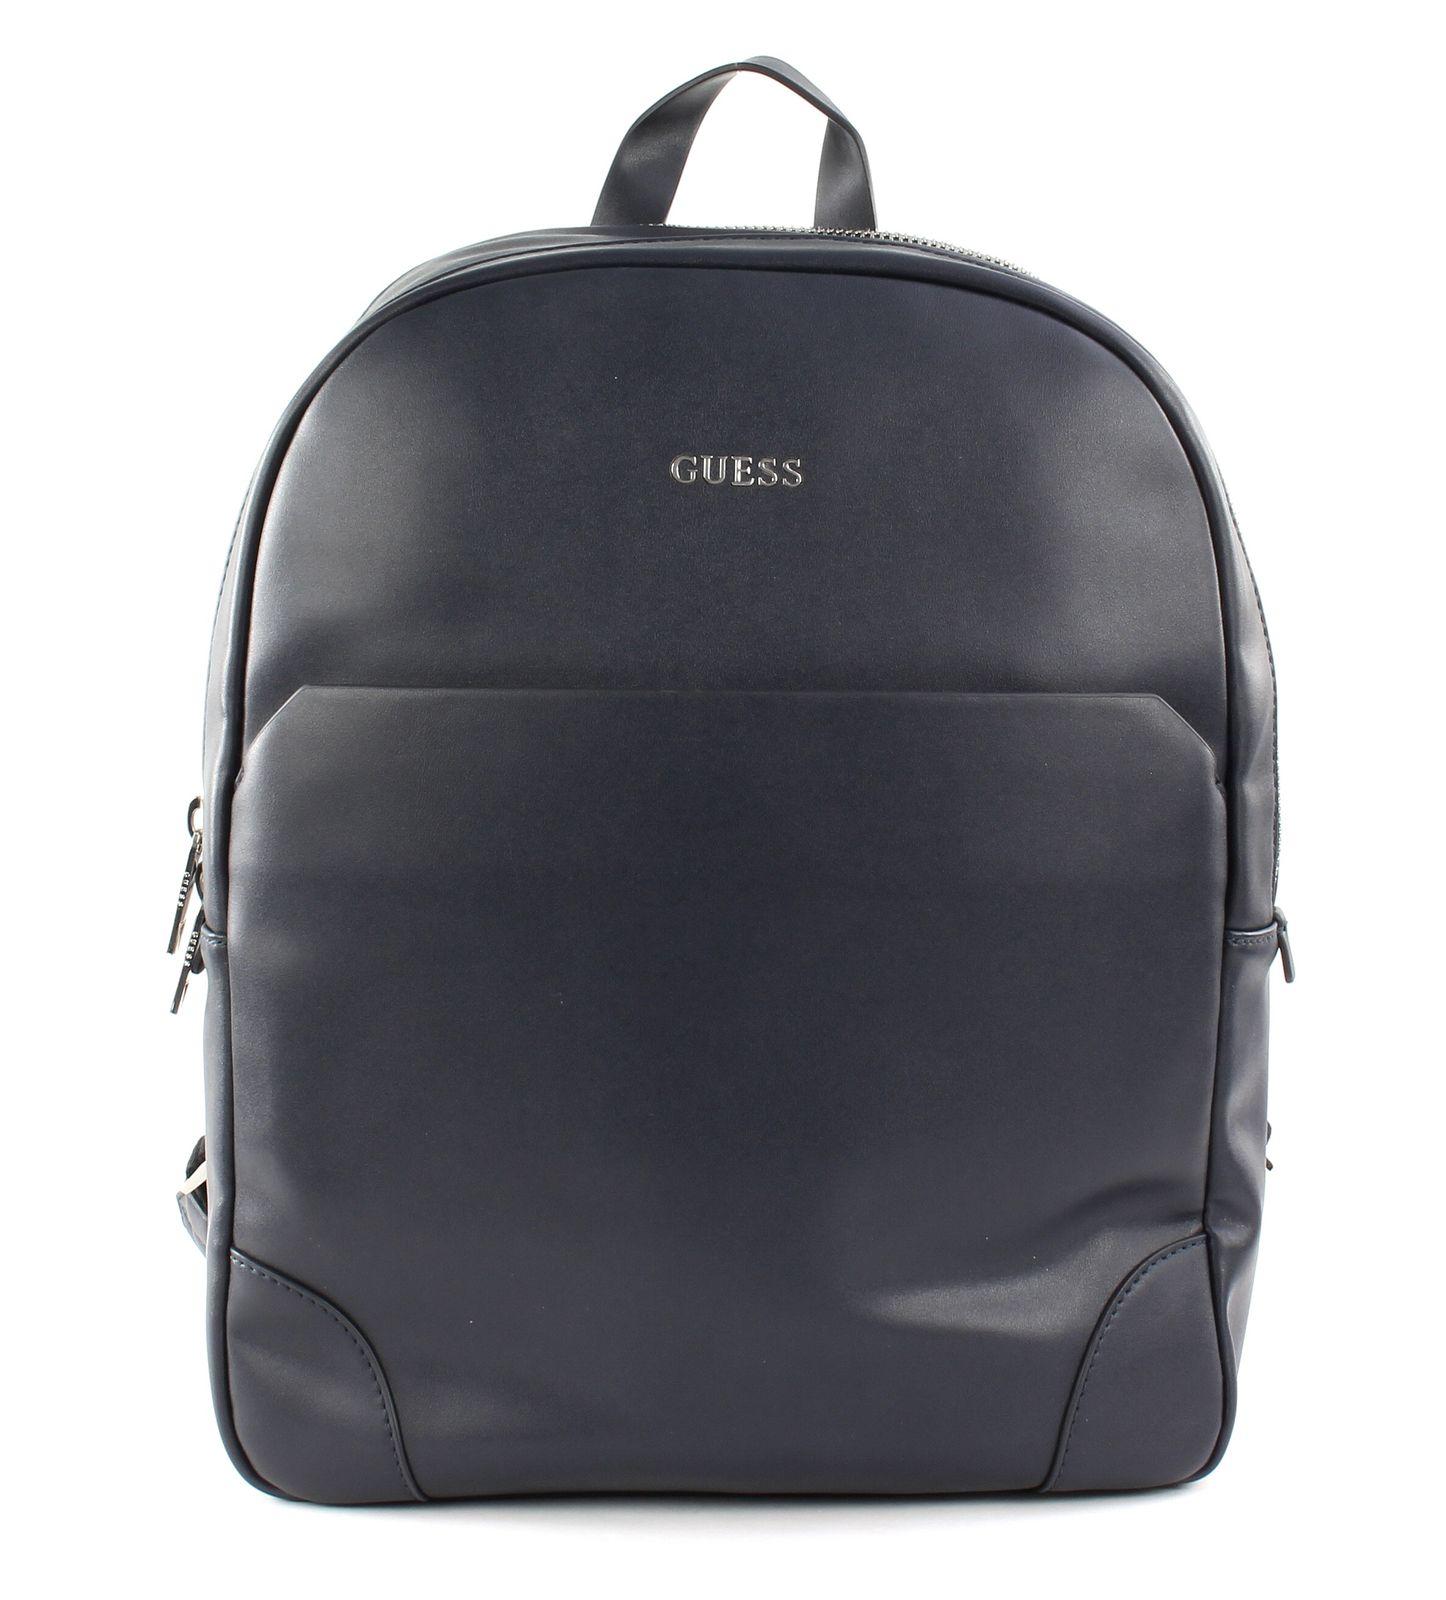 Manhattan Backpack Bags Backpacks Fashion Backpacks